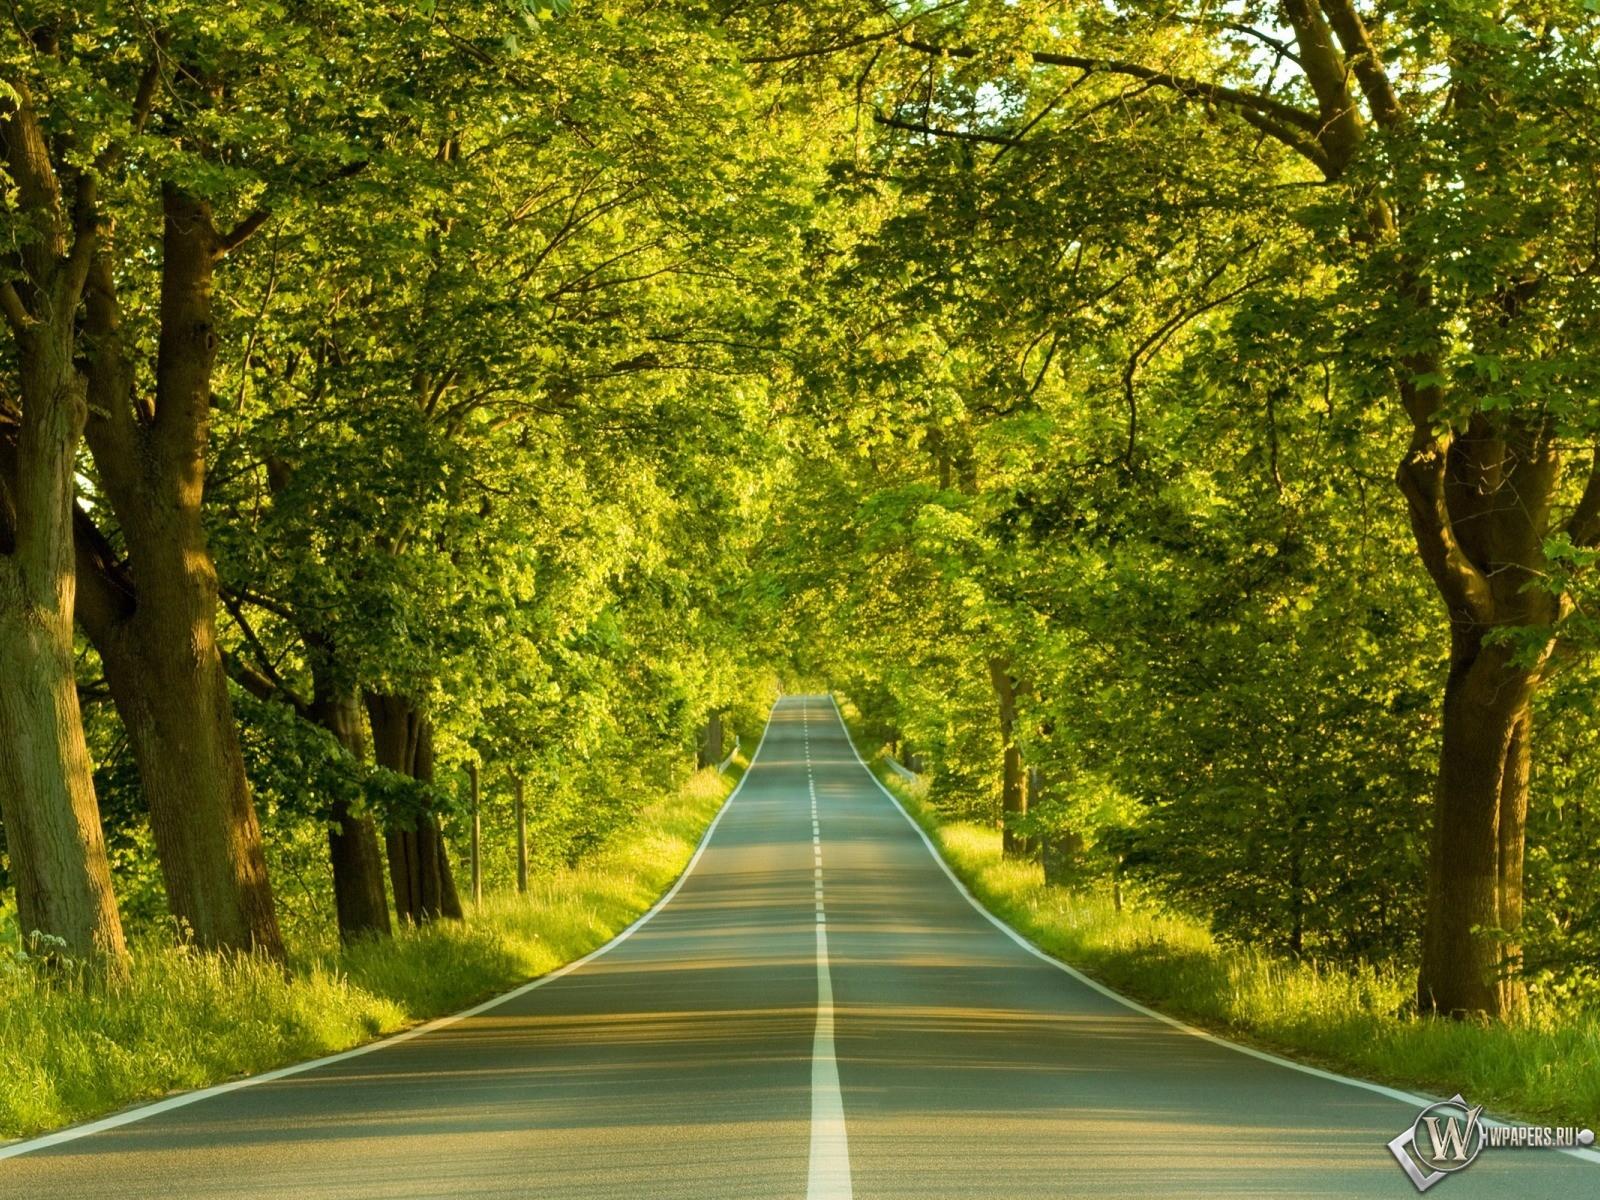 Дорога в лесу 1600x1200